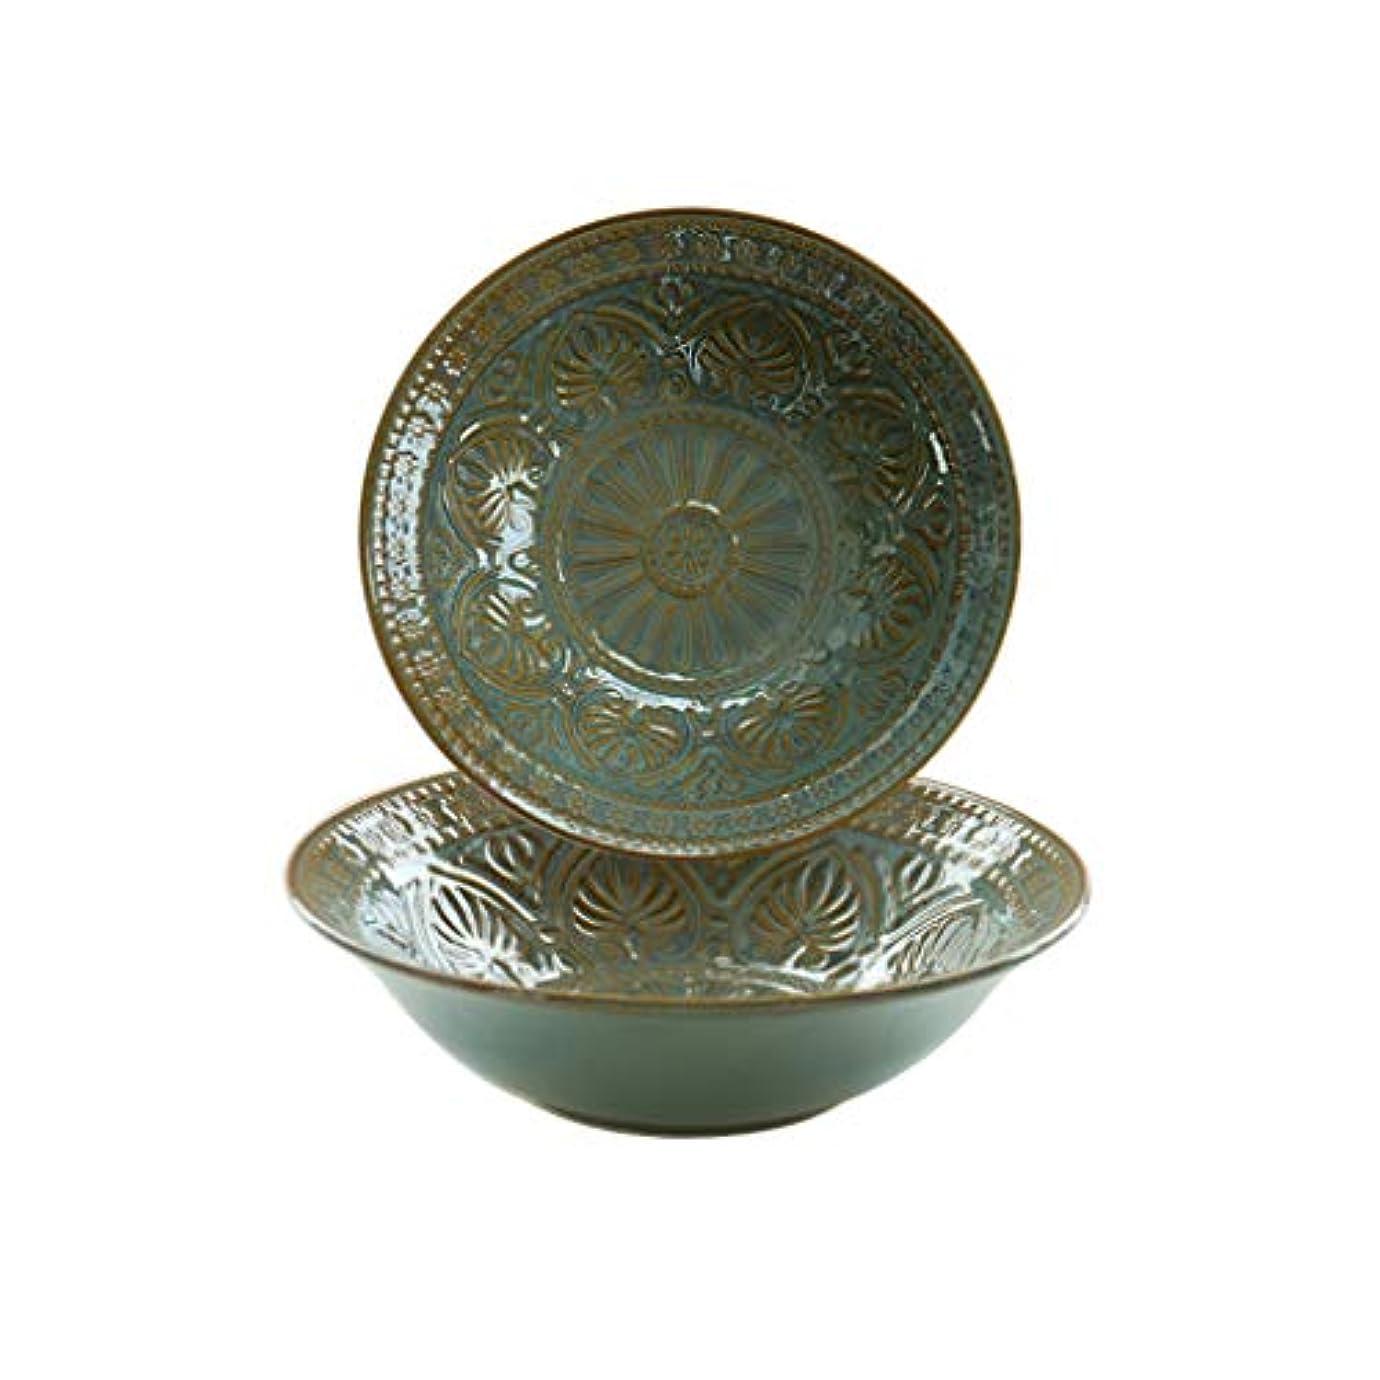 蓄積する大いにさせるファミリーレストランパーティー27 * 7.5cm / 1800ml(2色)に適したヴィンテージ中国彫刻のセラミックヌードルボウルサラダボウル (色 : 緑, サイズ さいず : 4 pack)